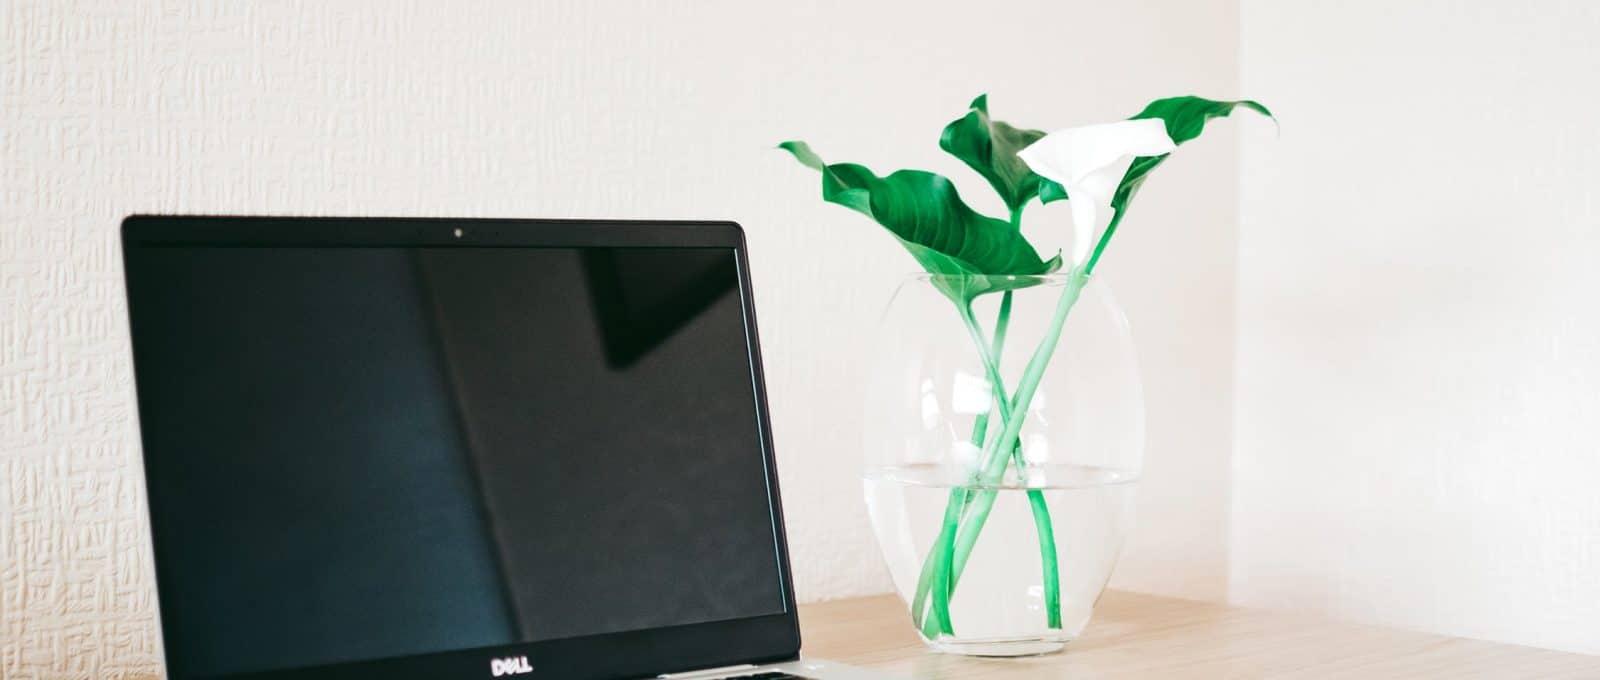 Présentation de l'ordinateur portable Dell XPS 13-9370